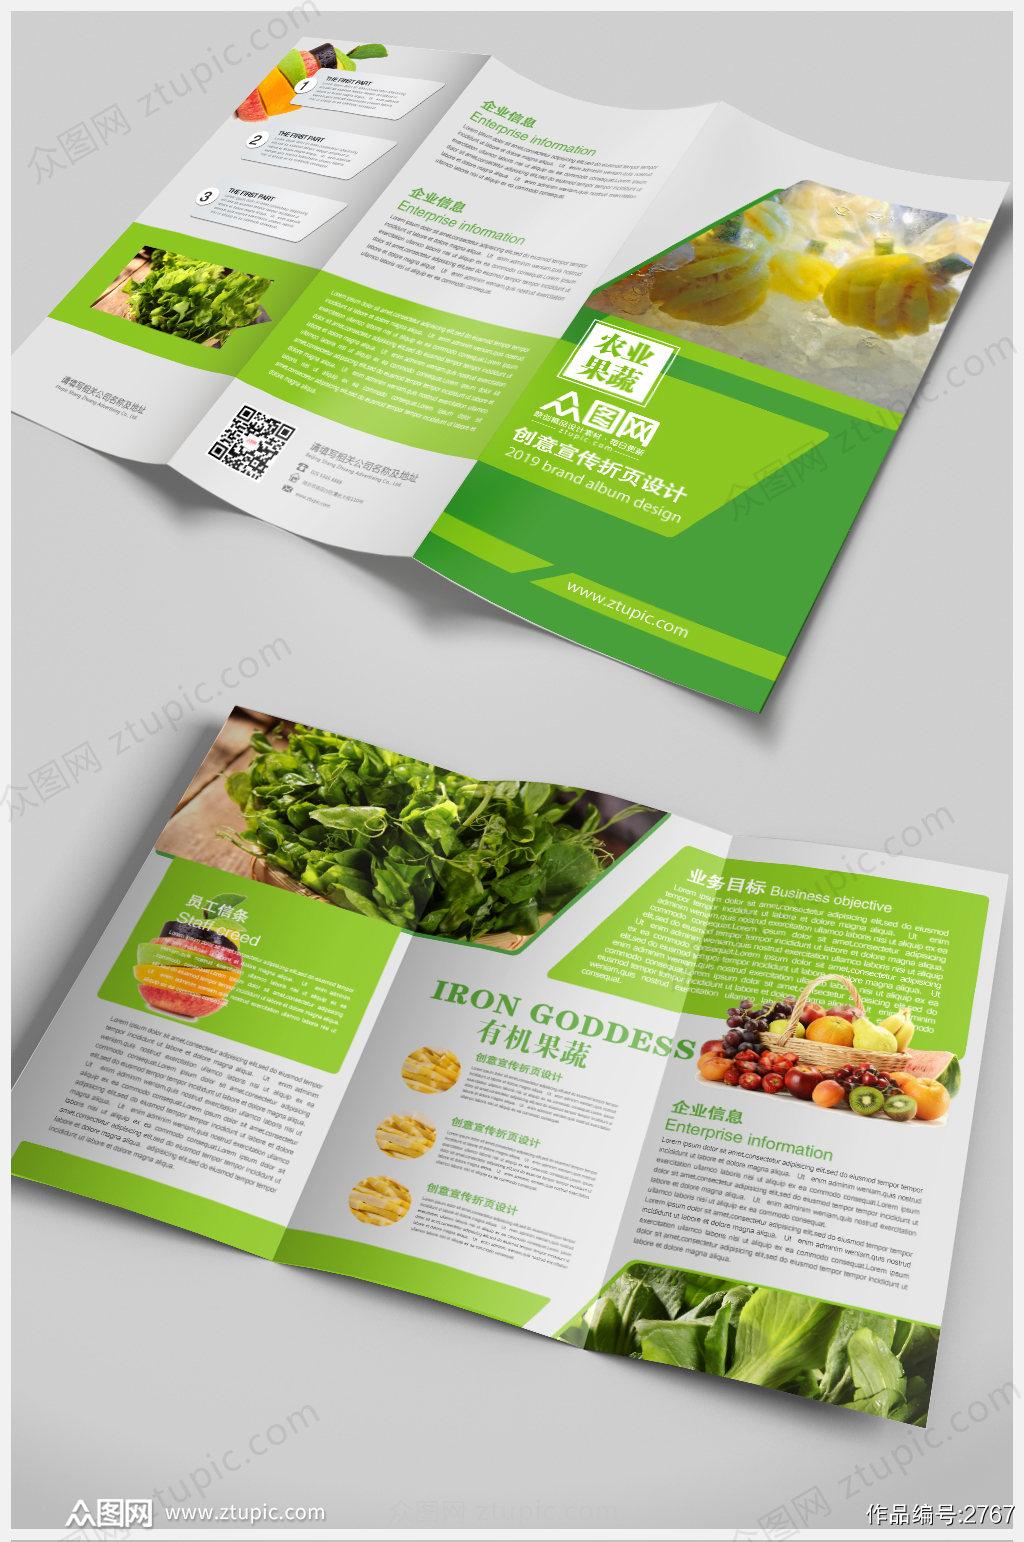 绿色有机生活蔬菜水果三折页传单素材